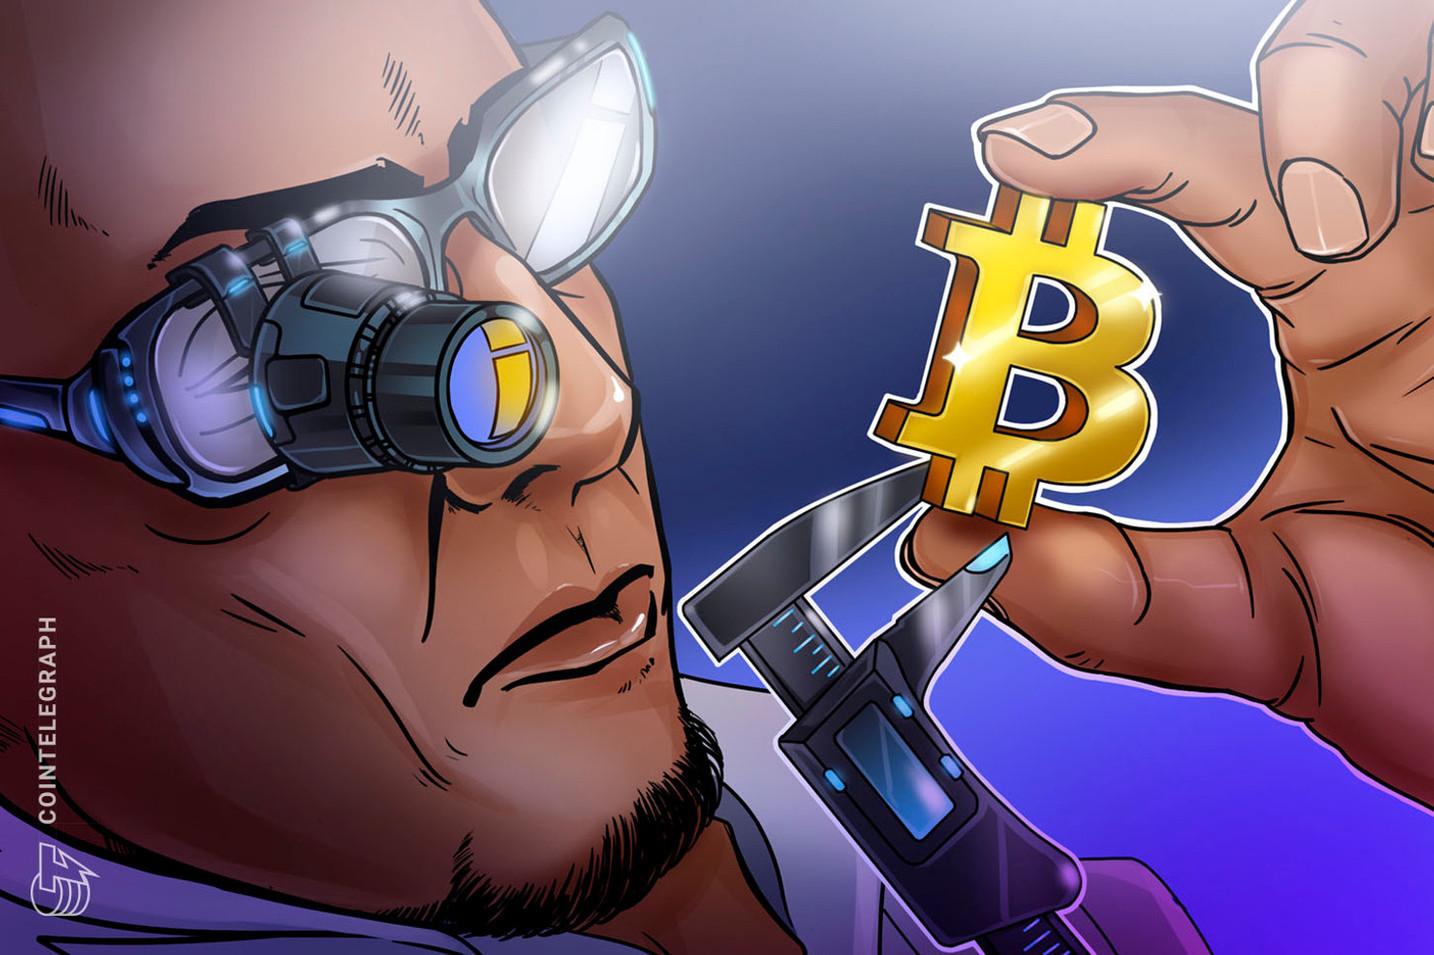 El precio Bitcoin: ¿Cuál es la próxima frontera?